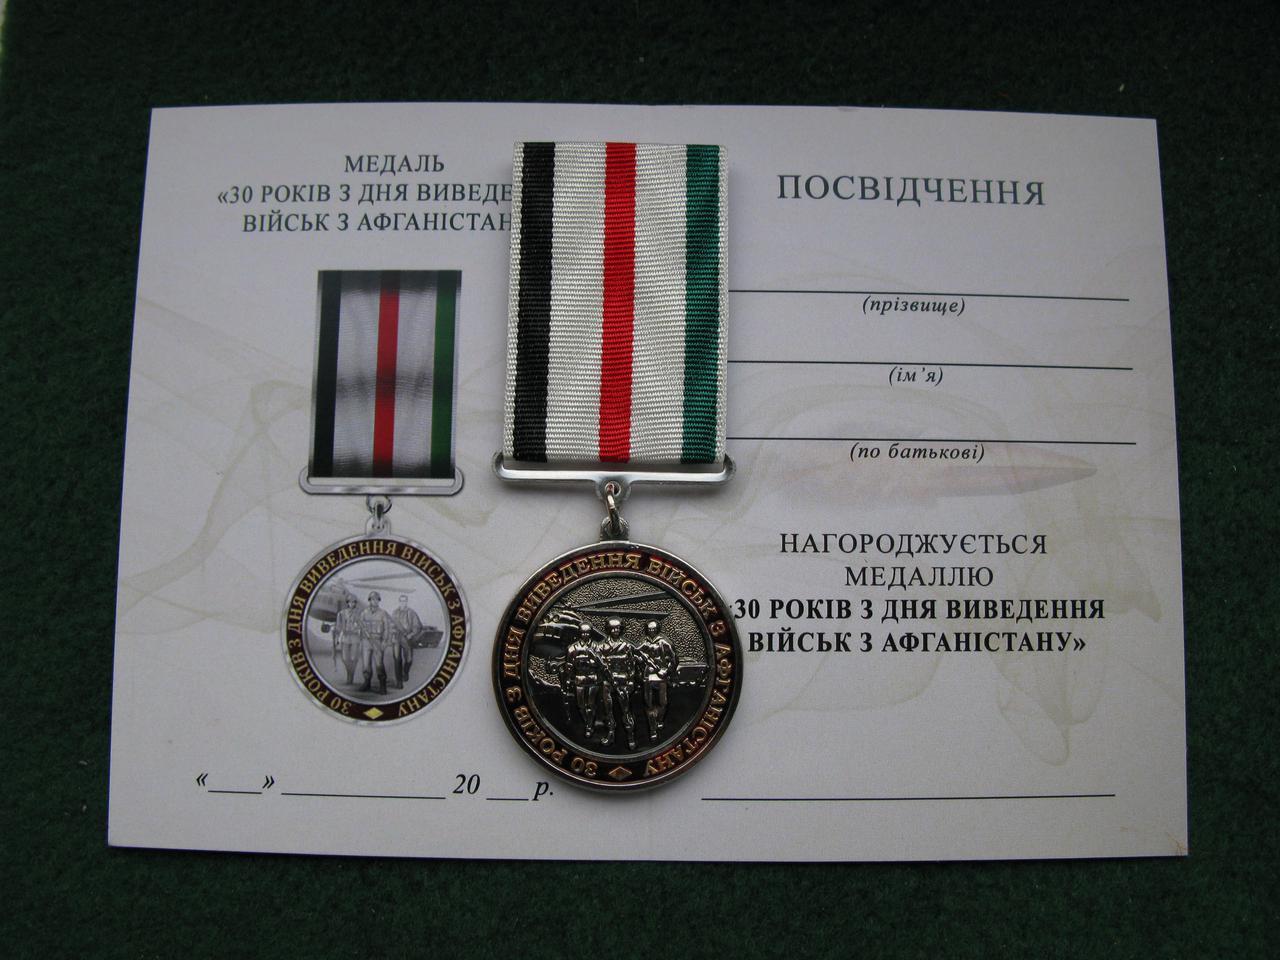 """Медаль """"30 років з дня виведення військ з Афганістану"""" за Відвагу"""